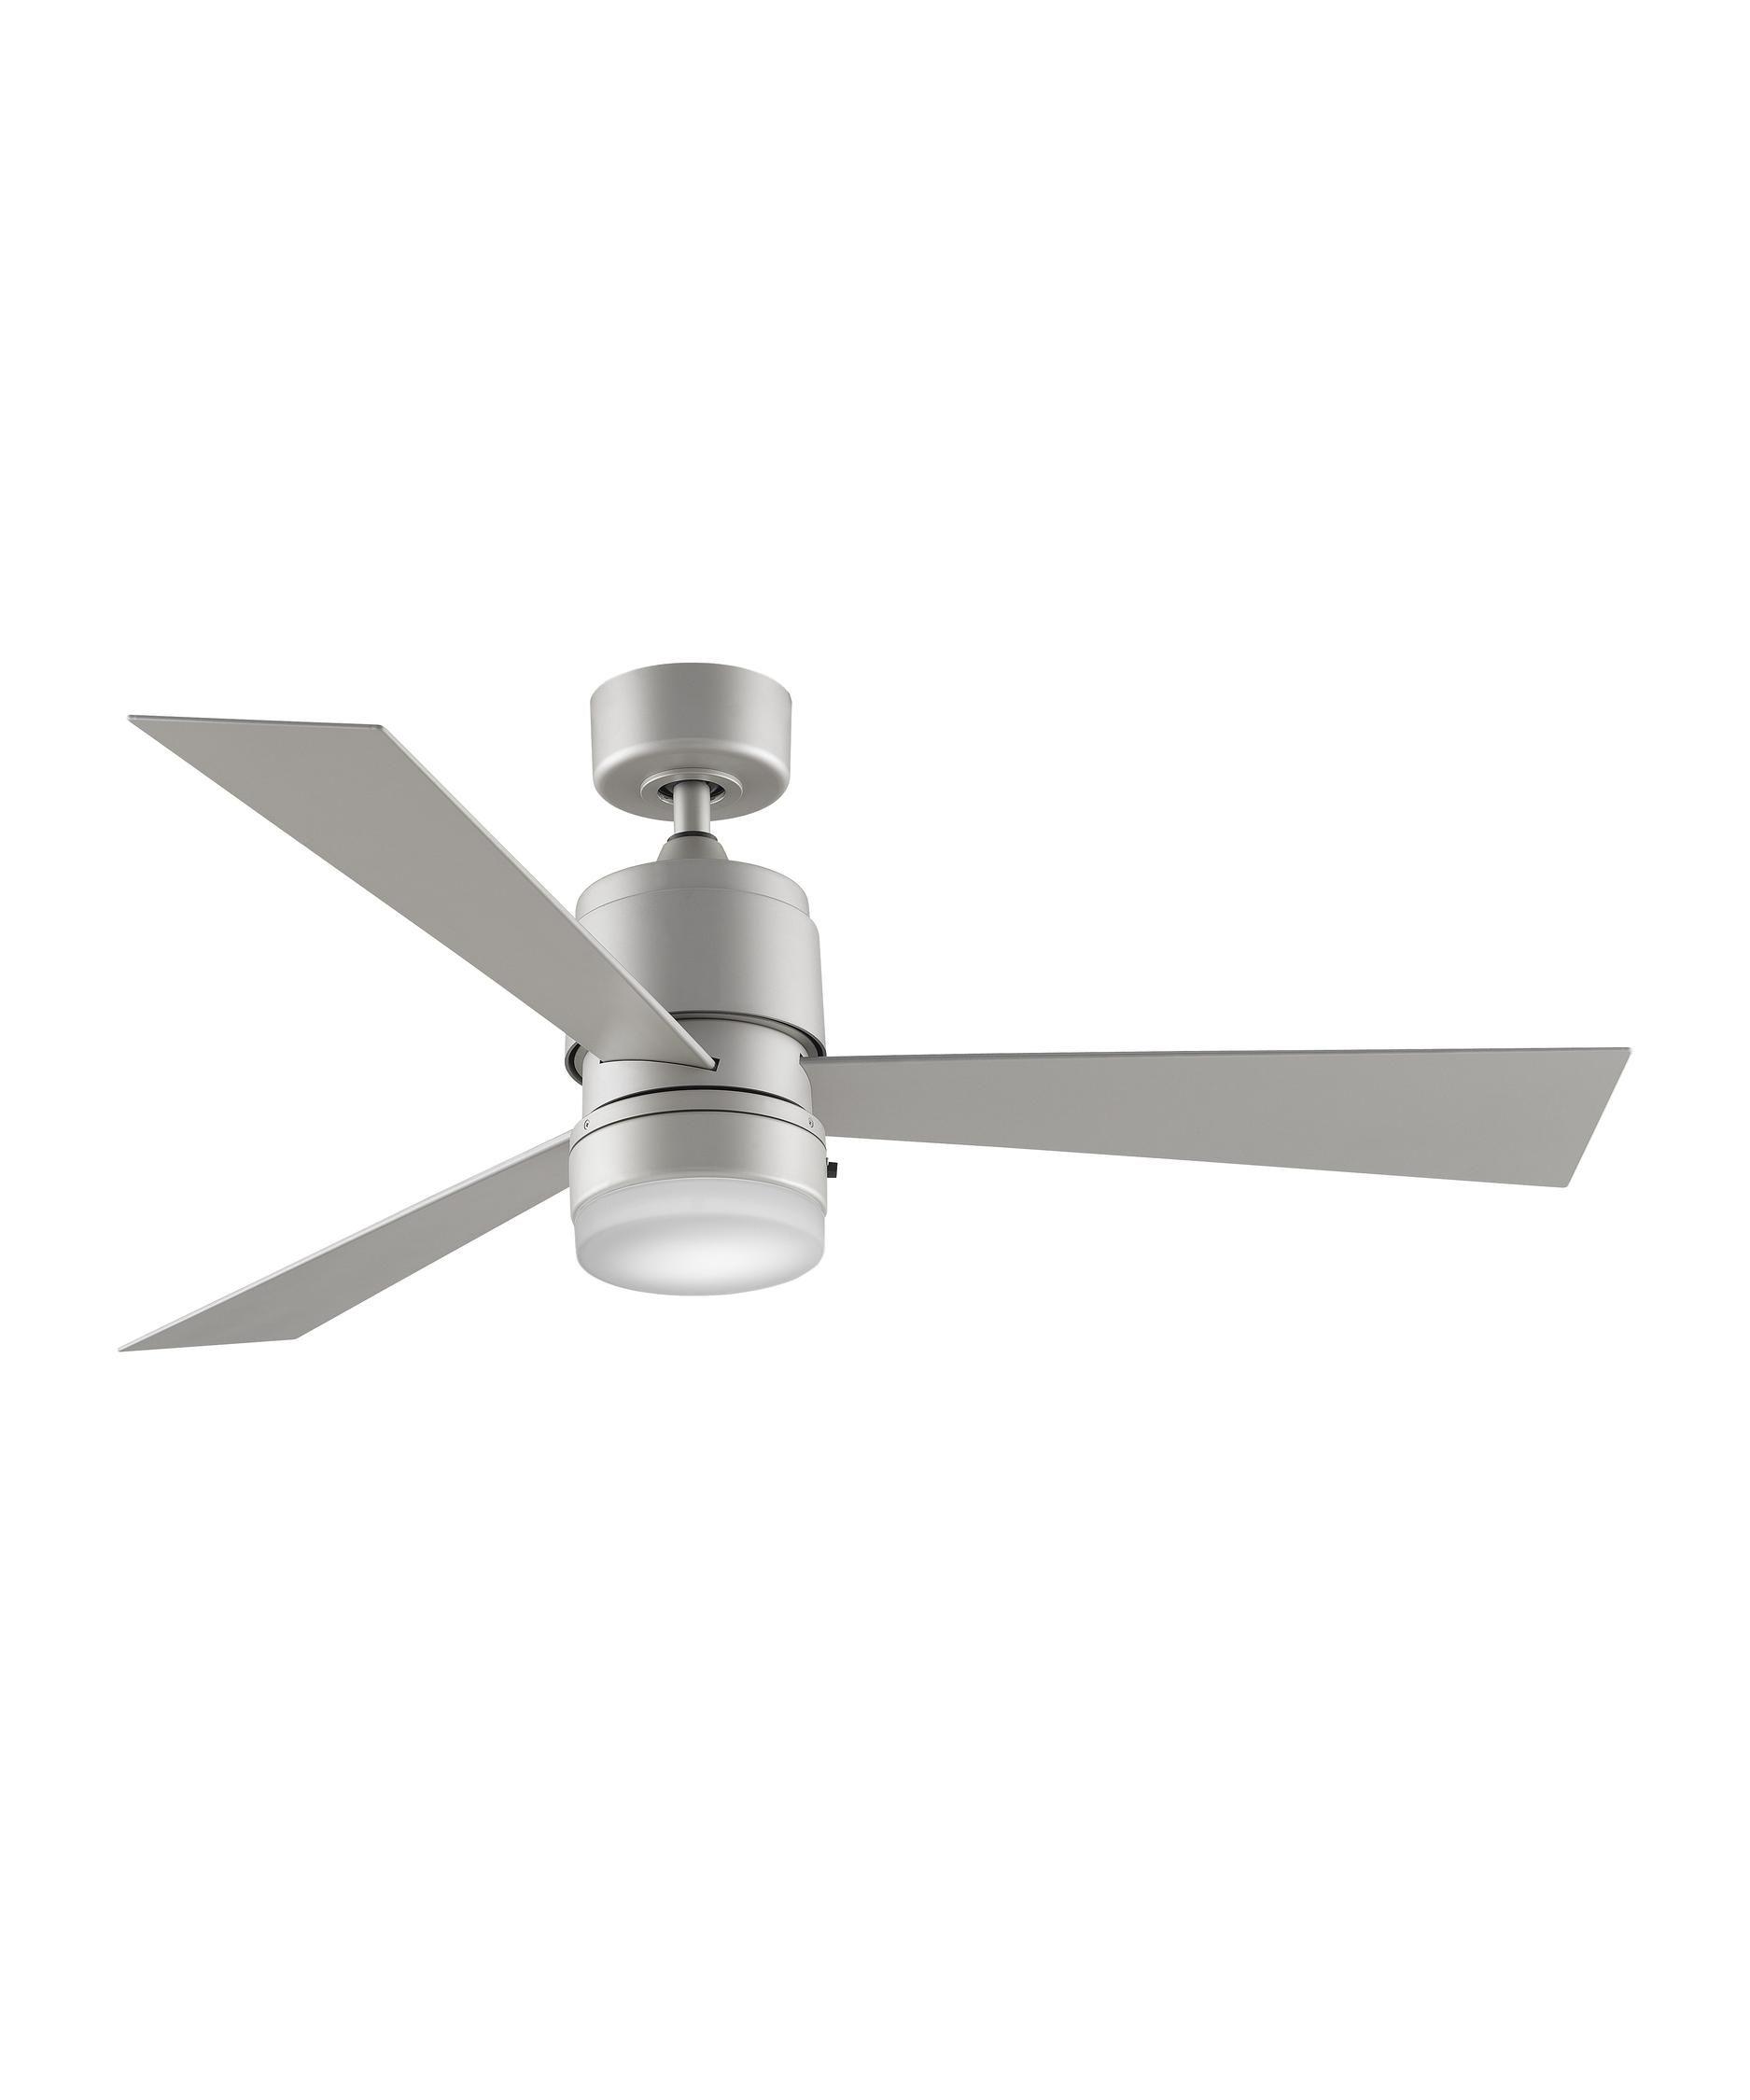 Fanimation zonix wet energy smart inch fan light kit in